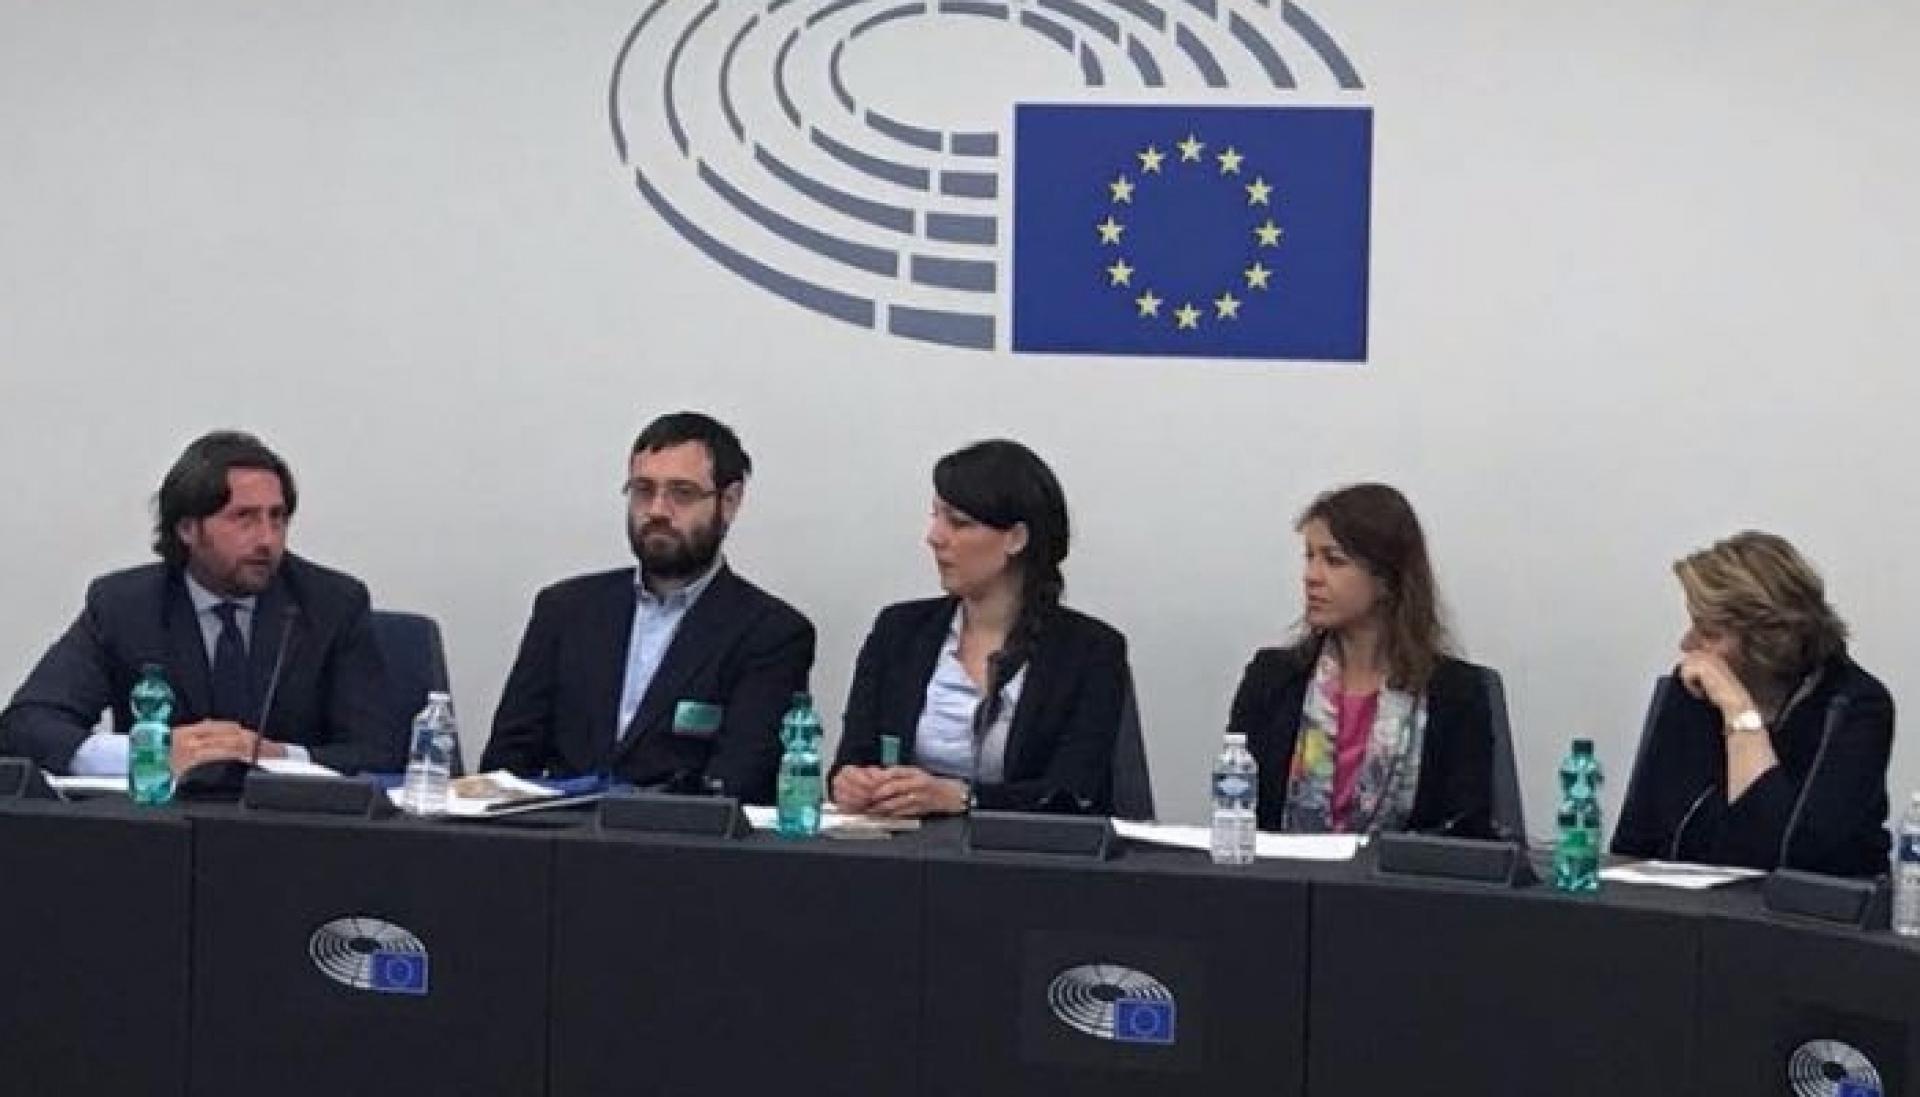 lavoro di incontri Strasburgo gruppo di giovani incontri parlare